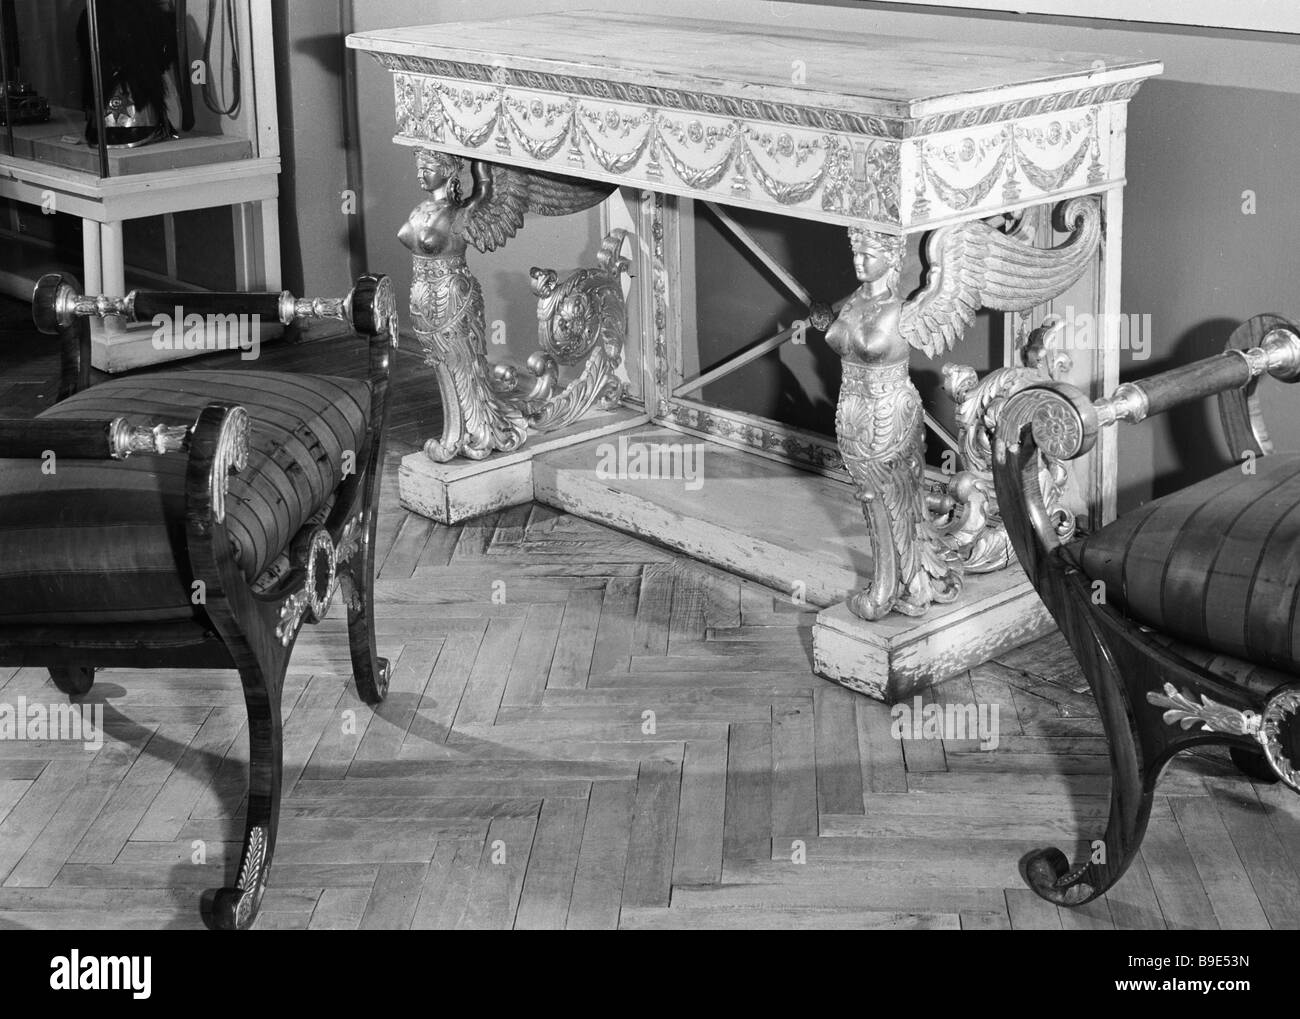 Une table et banquettes consol en date du début du xixe siècle de la collection du Musée de l'histoire Photo Stock